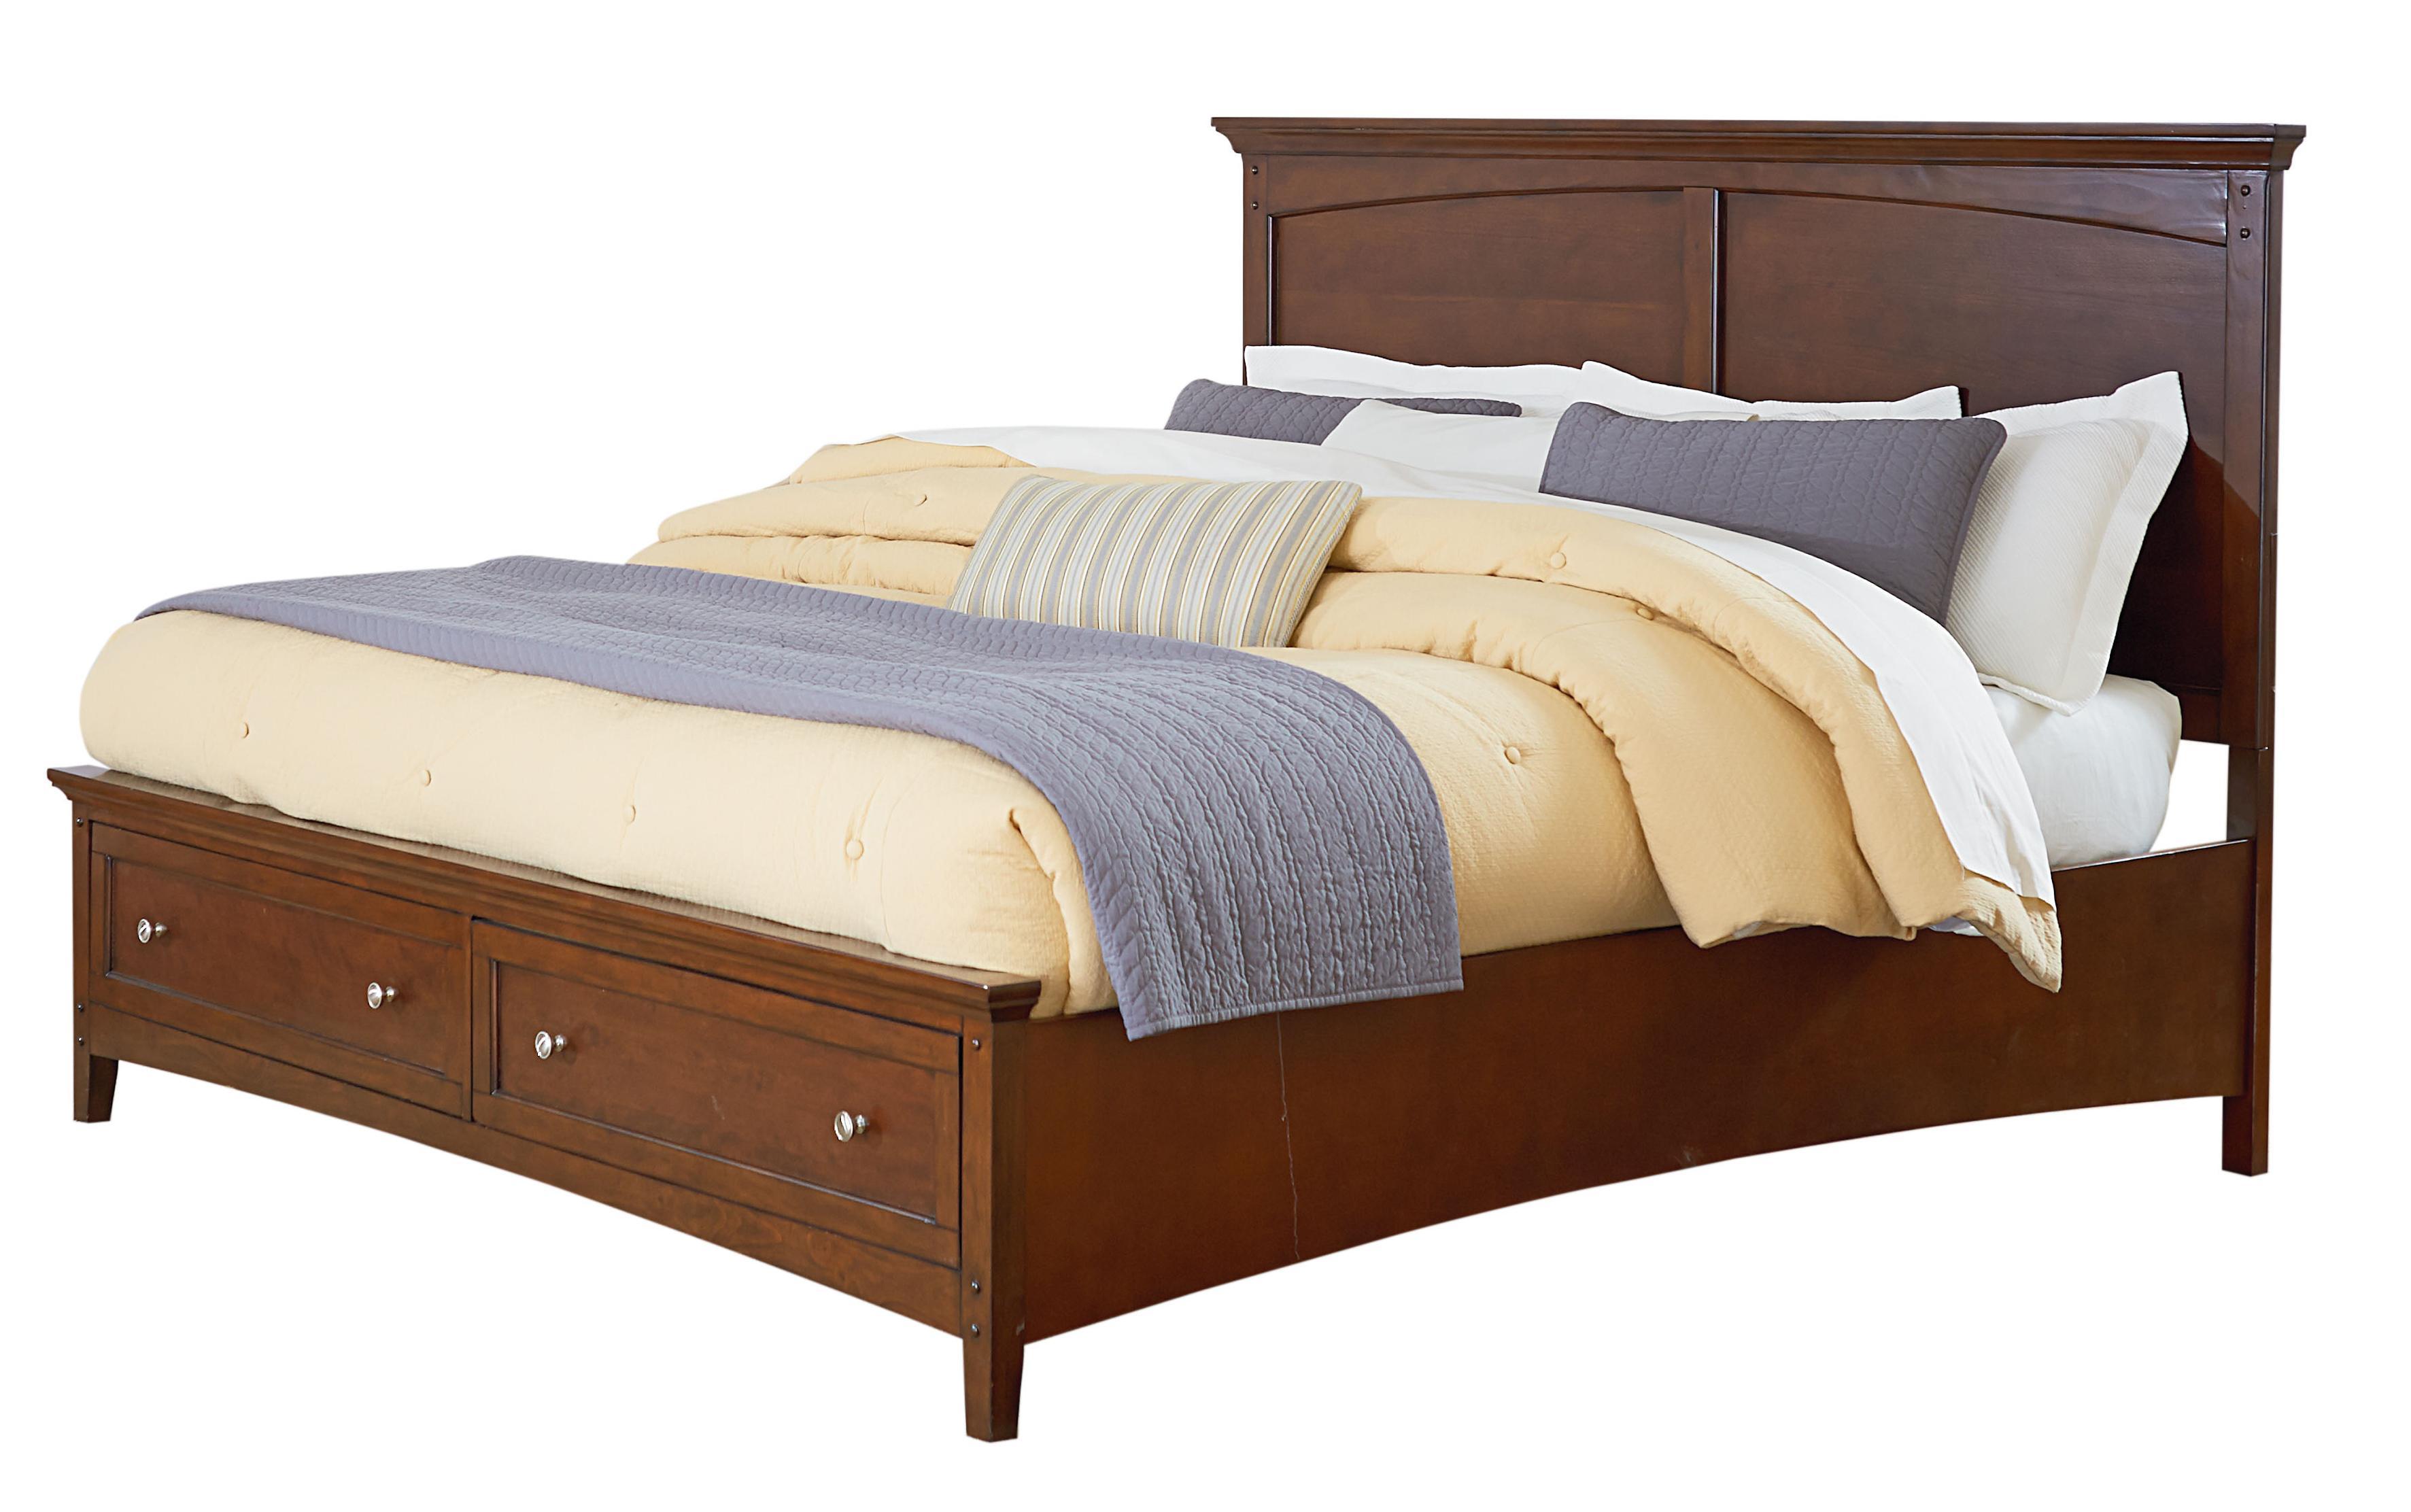 Standard Furniture Cooperstown Queen Storage Bed - Item Number: 93801+03+02